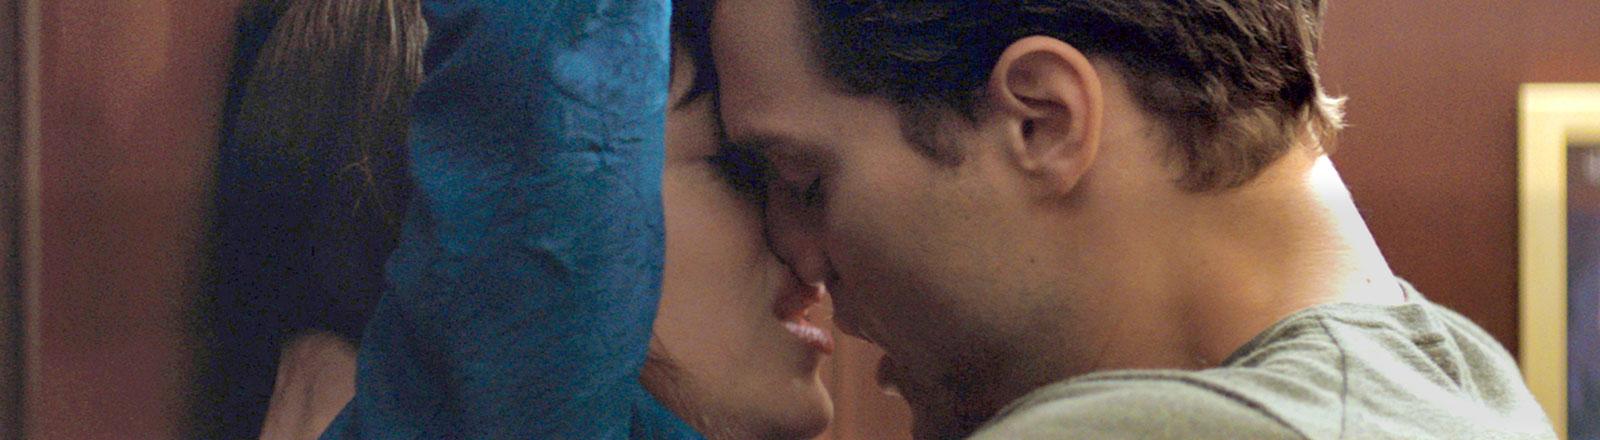 """Die Schauspieler Jamie Dornan und Dakota Johnson in einer Szene des Films """"Fifty Shades of Grey""""."""